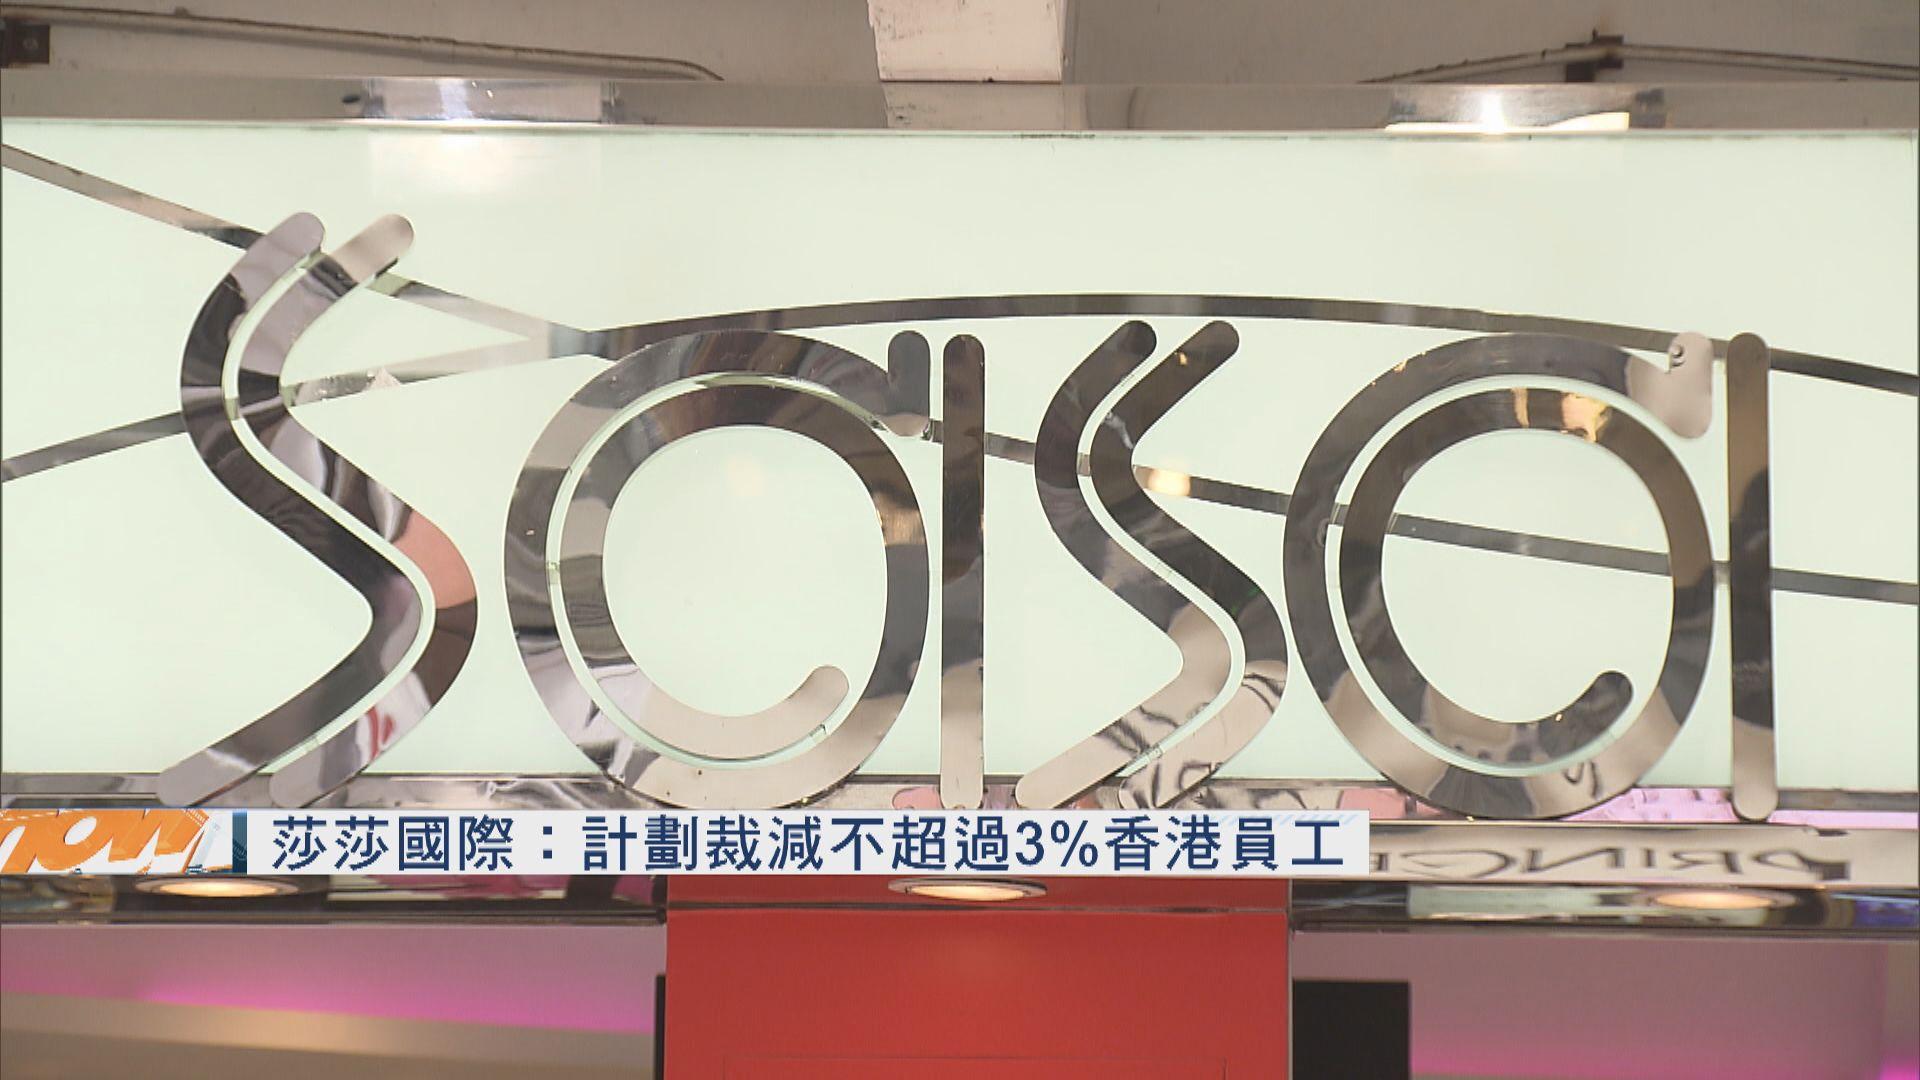 【零售寒冬】莎莎國際擬香港裁員及減薪